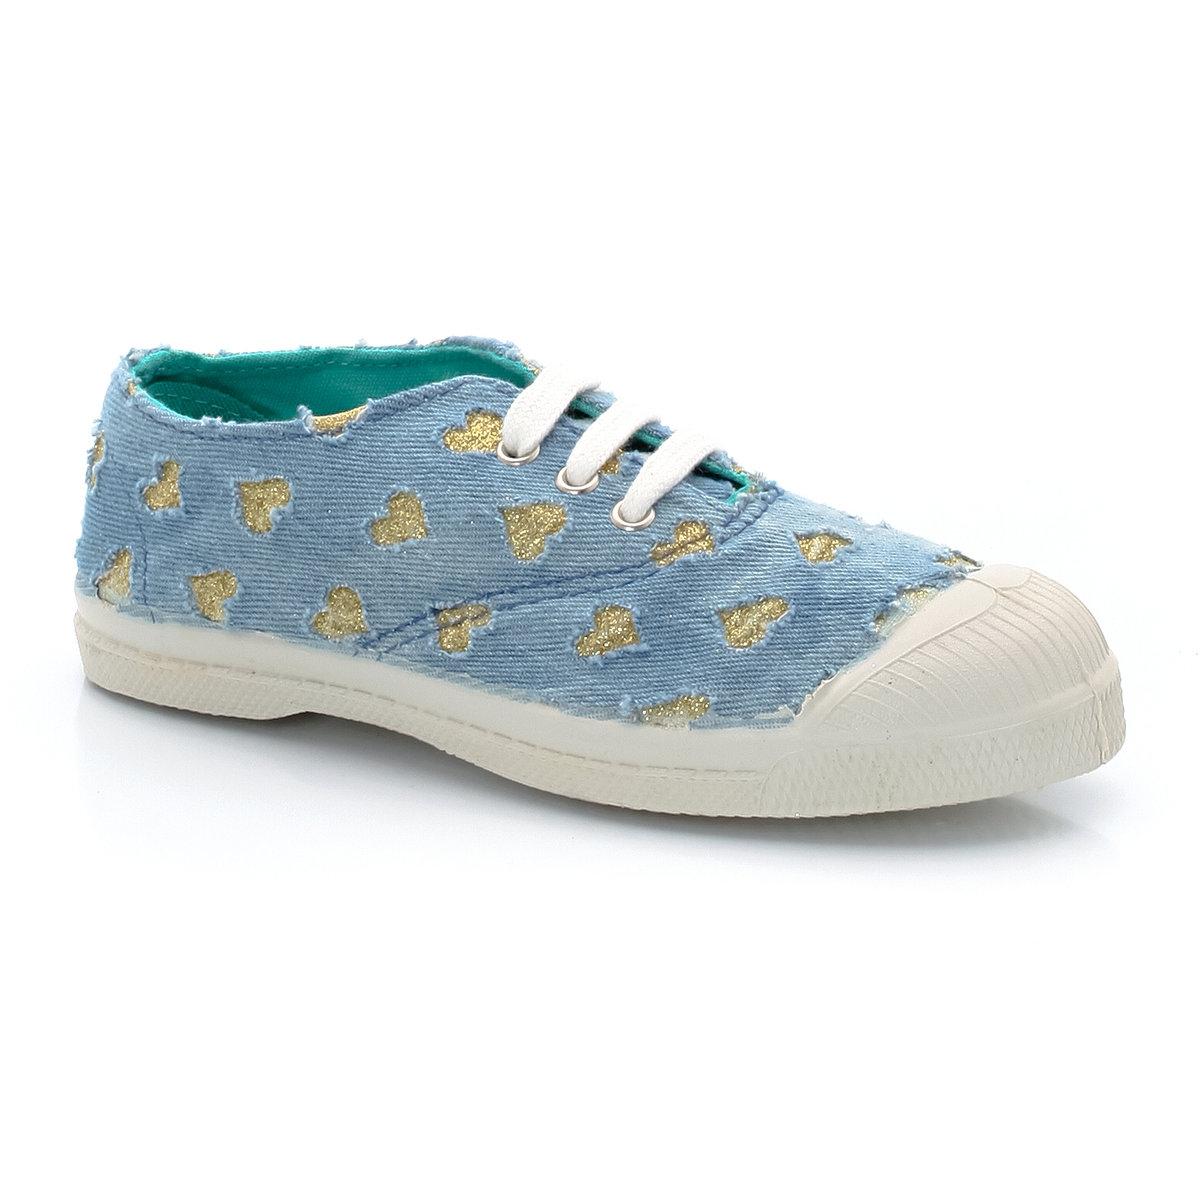 Кеды низкие BENSIMON TENNIS GLITTER LOVEКеды низкие на шнуровке, TENNIS GLITTER LOVE от BENSIMON. Верх  : хлопок. Подкладка  : текстиль. Стелька  : текстиль. Подошва  : каучук.  Застежка  : шнуровка. Уже на протяжении 25 лет Bensimon радует нас простыми и эффектными, практичными и не выходящими из моды кедами, выполненными из легких и натуральных материалов. Кеды модели GLITTER LOVE покоряют сердца детей, и мы по-прежнему доверяем Bensimon !<br><br>Цвет: наб. рисунок синий<br>Размер: 29